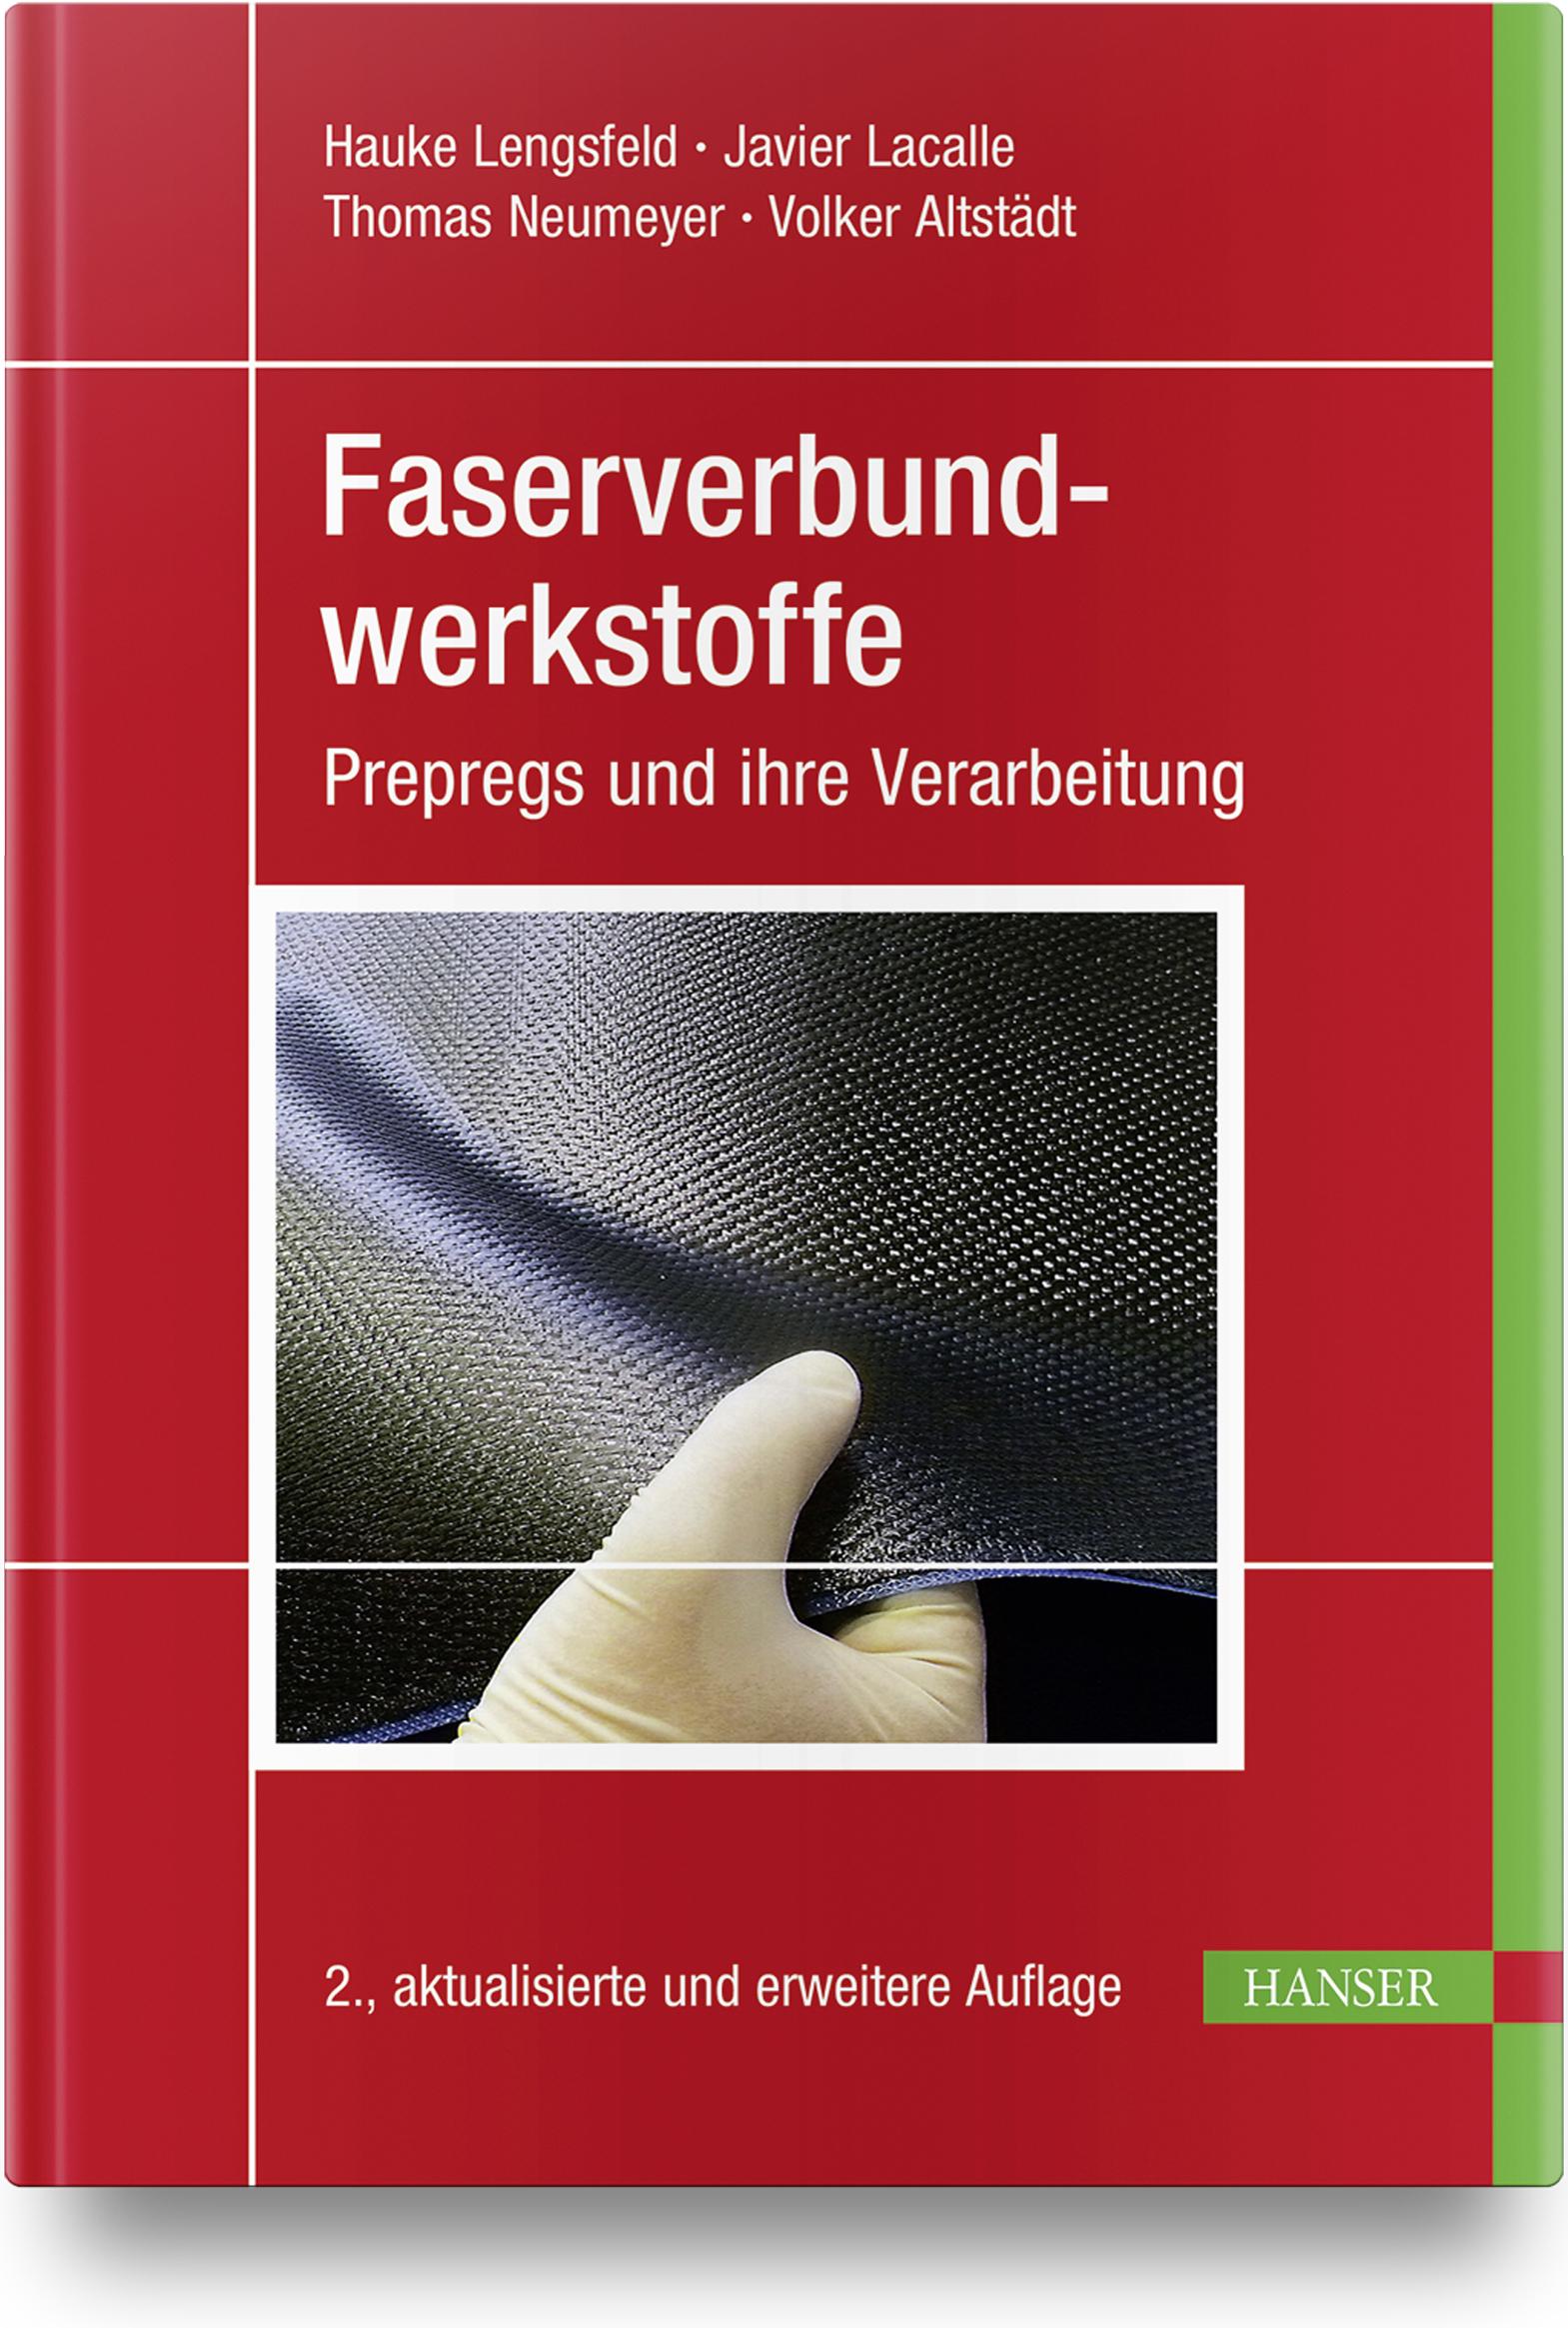 Lengsfeld, Lacalle, Neumeyer, Altstädt, Faserverbundwerkstoffe, 978-3-446-44882-7